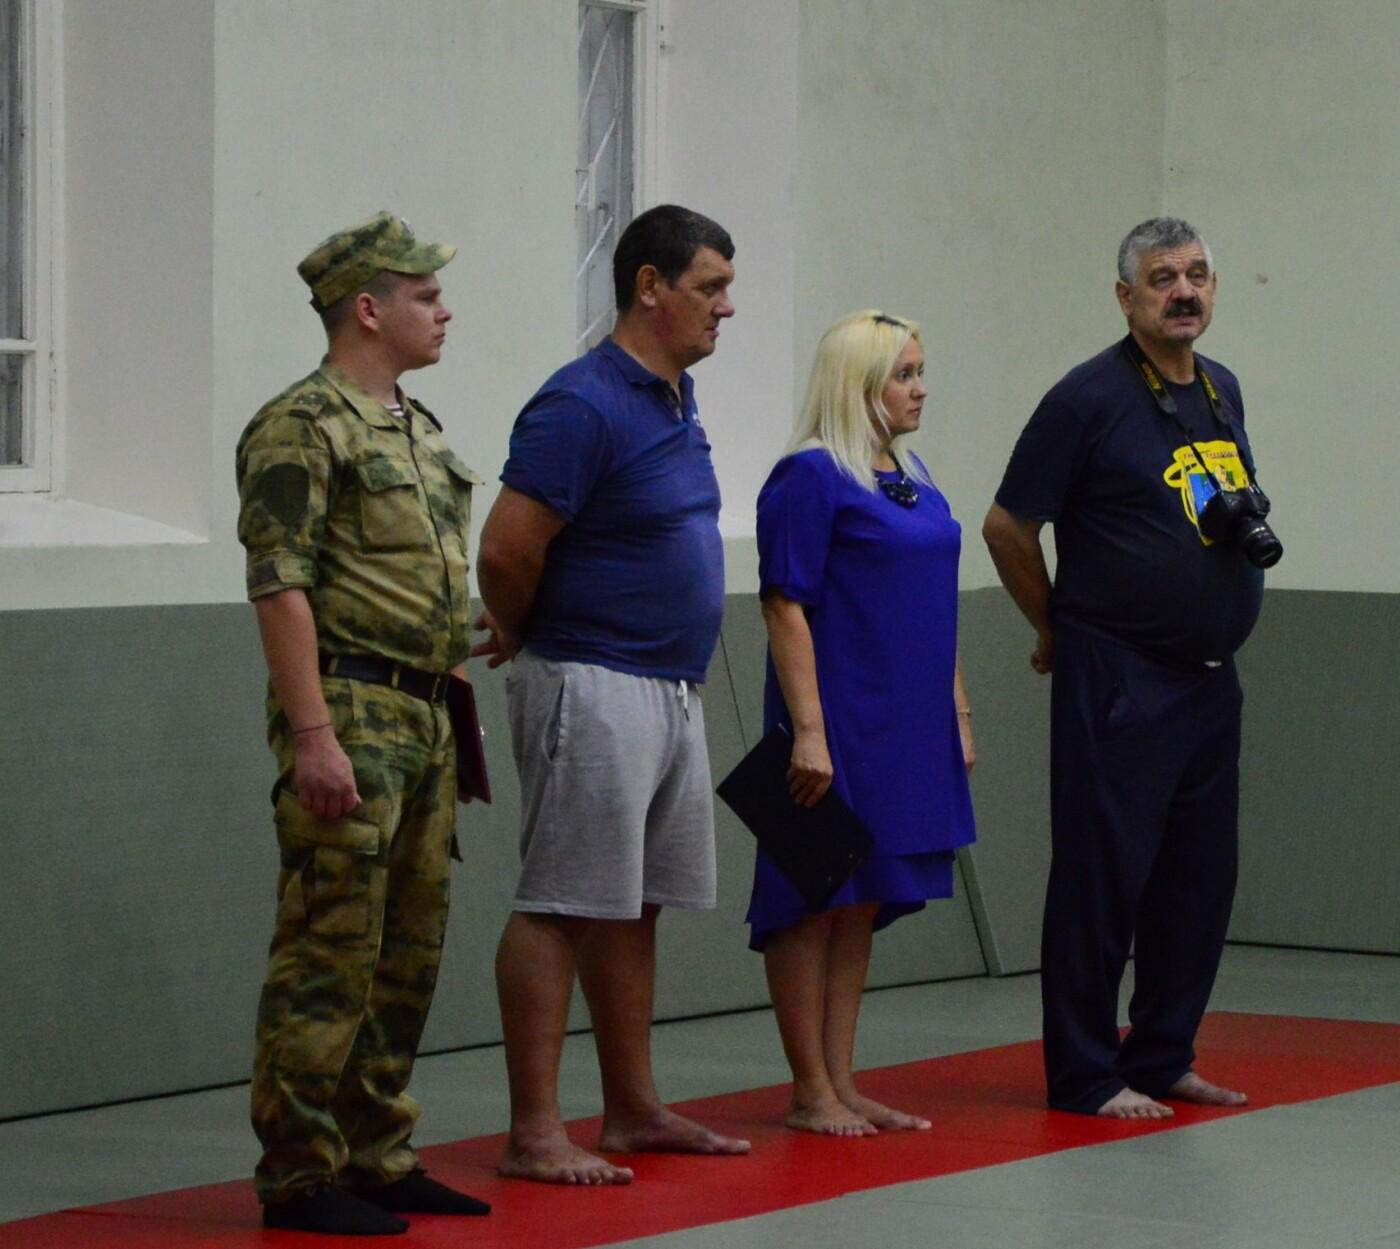 В Гаспре в День солидарности в борьбе с терроризмом прошла открытая тренировка по дзюдо, фото-2